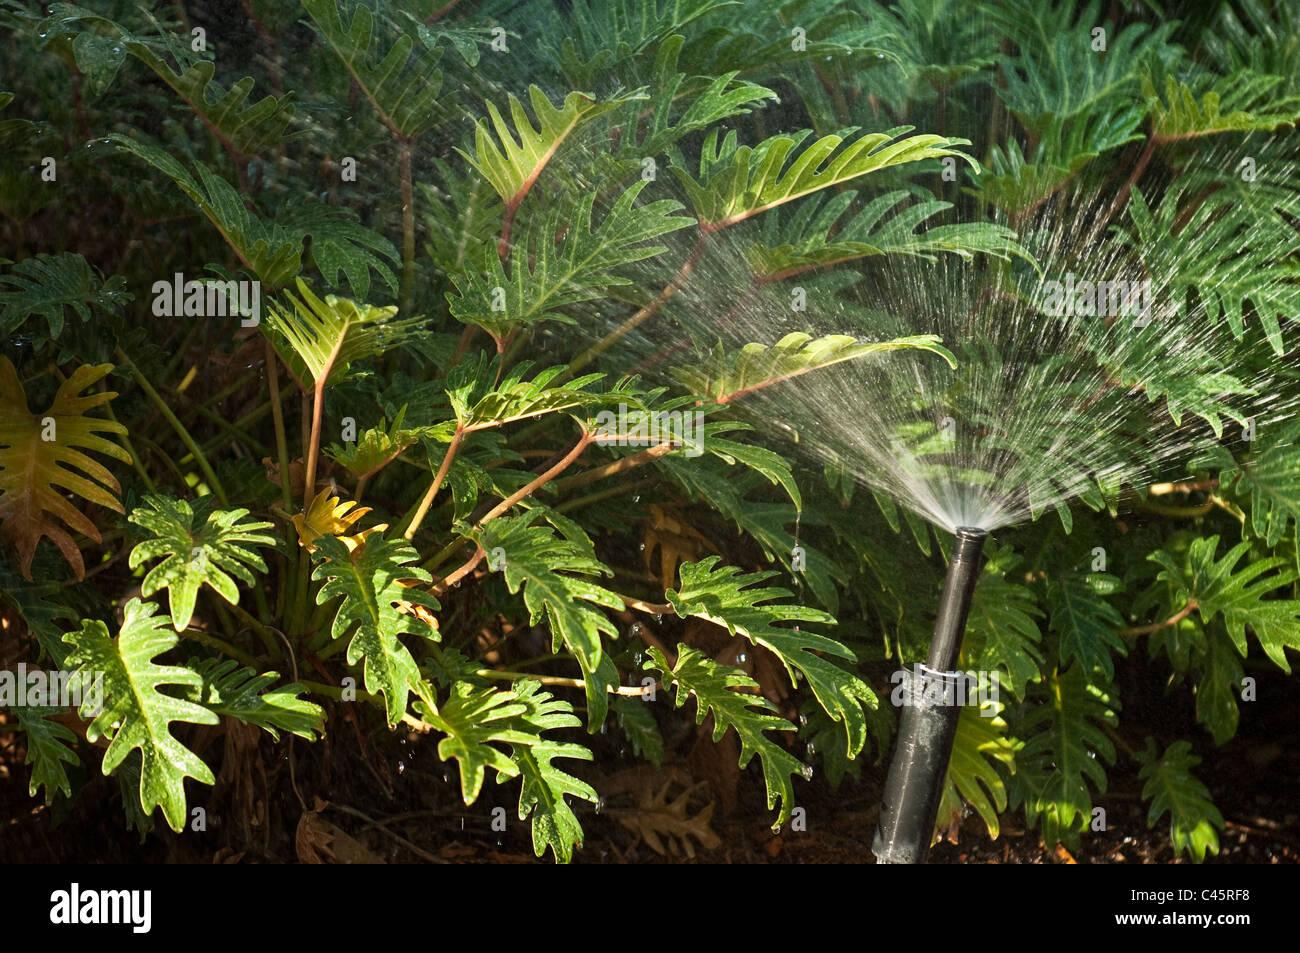 landscape irrigation with sprinkler head - Stock Image